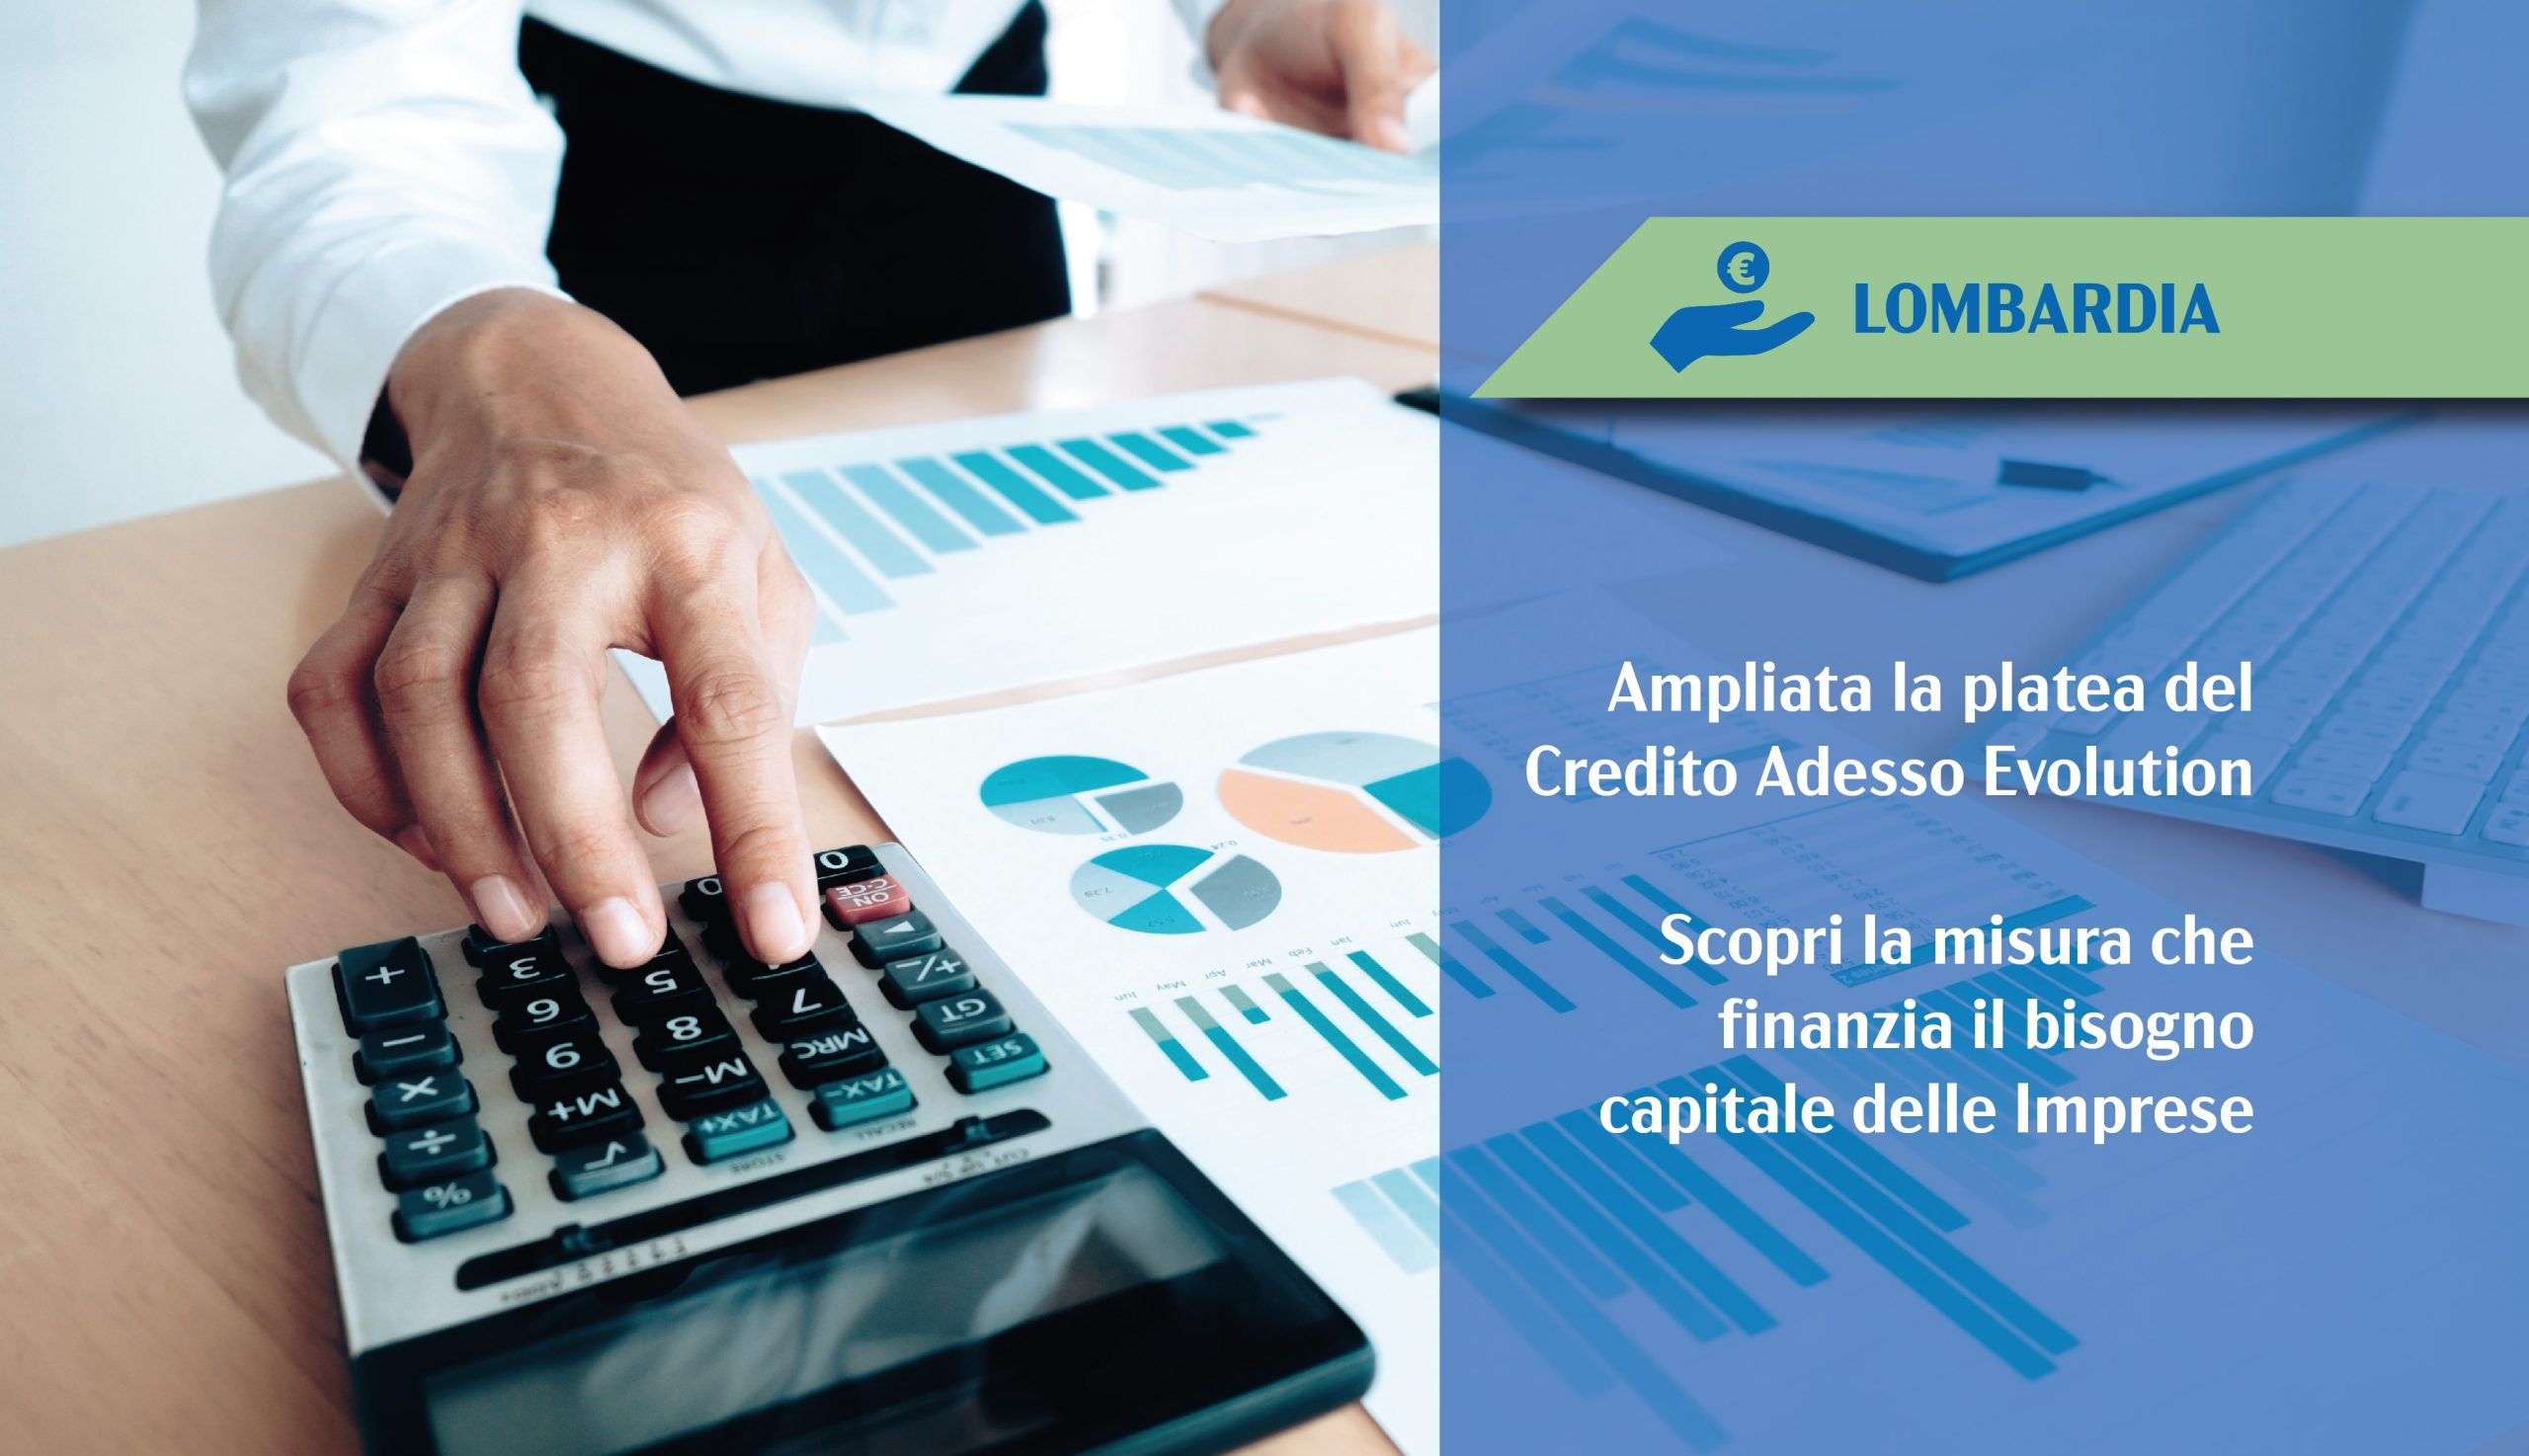 Lombardia Credito Adesso Evolution